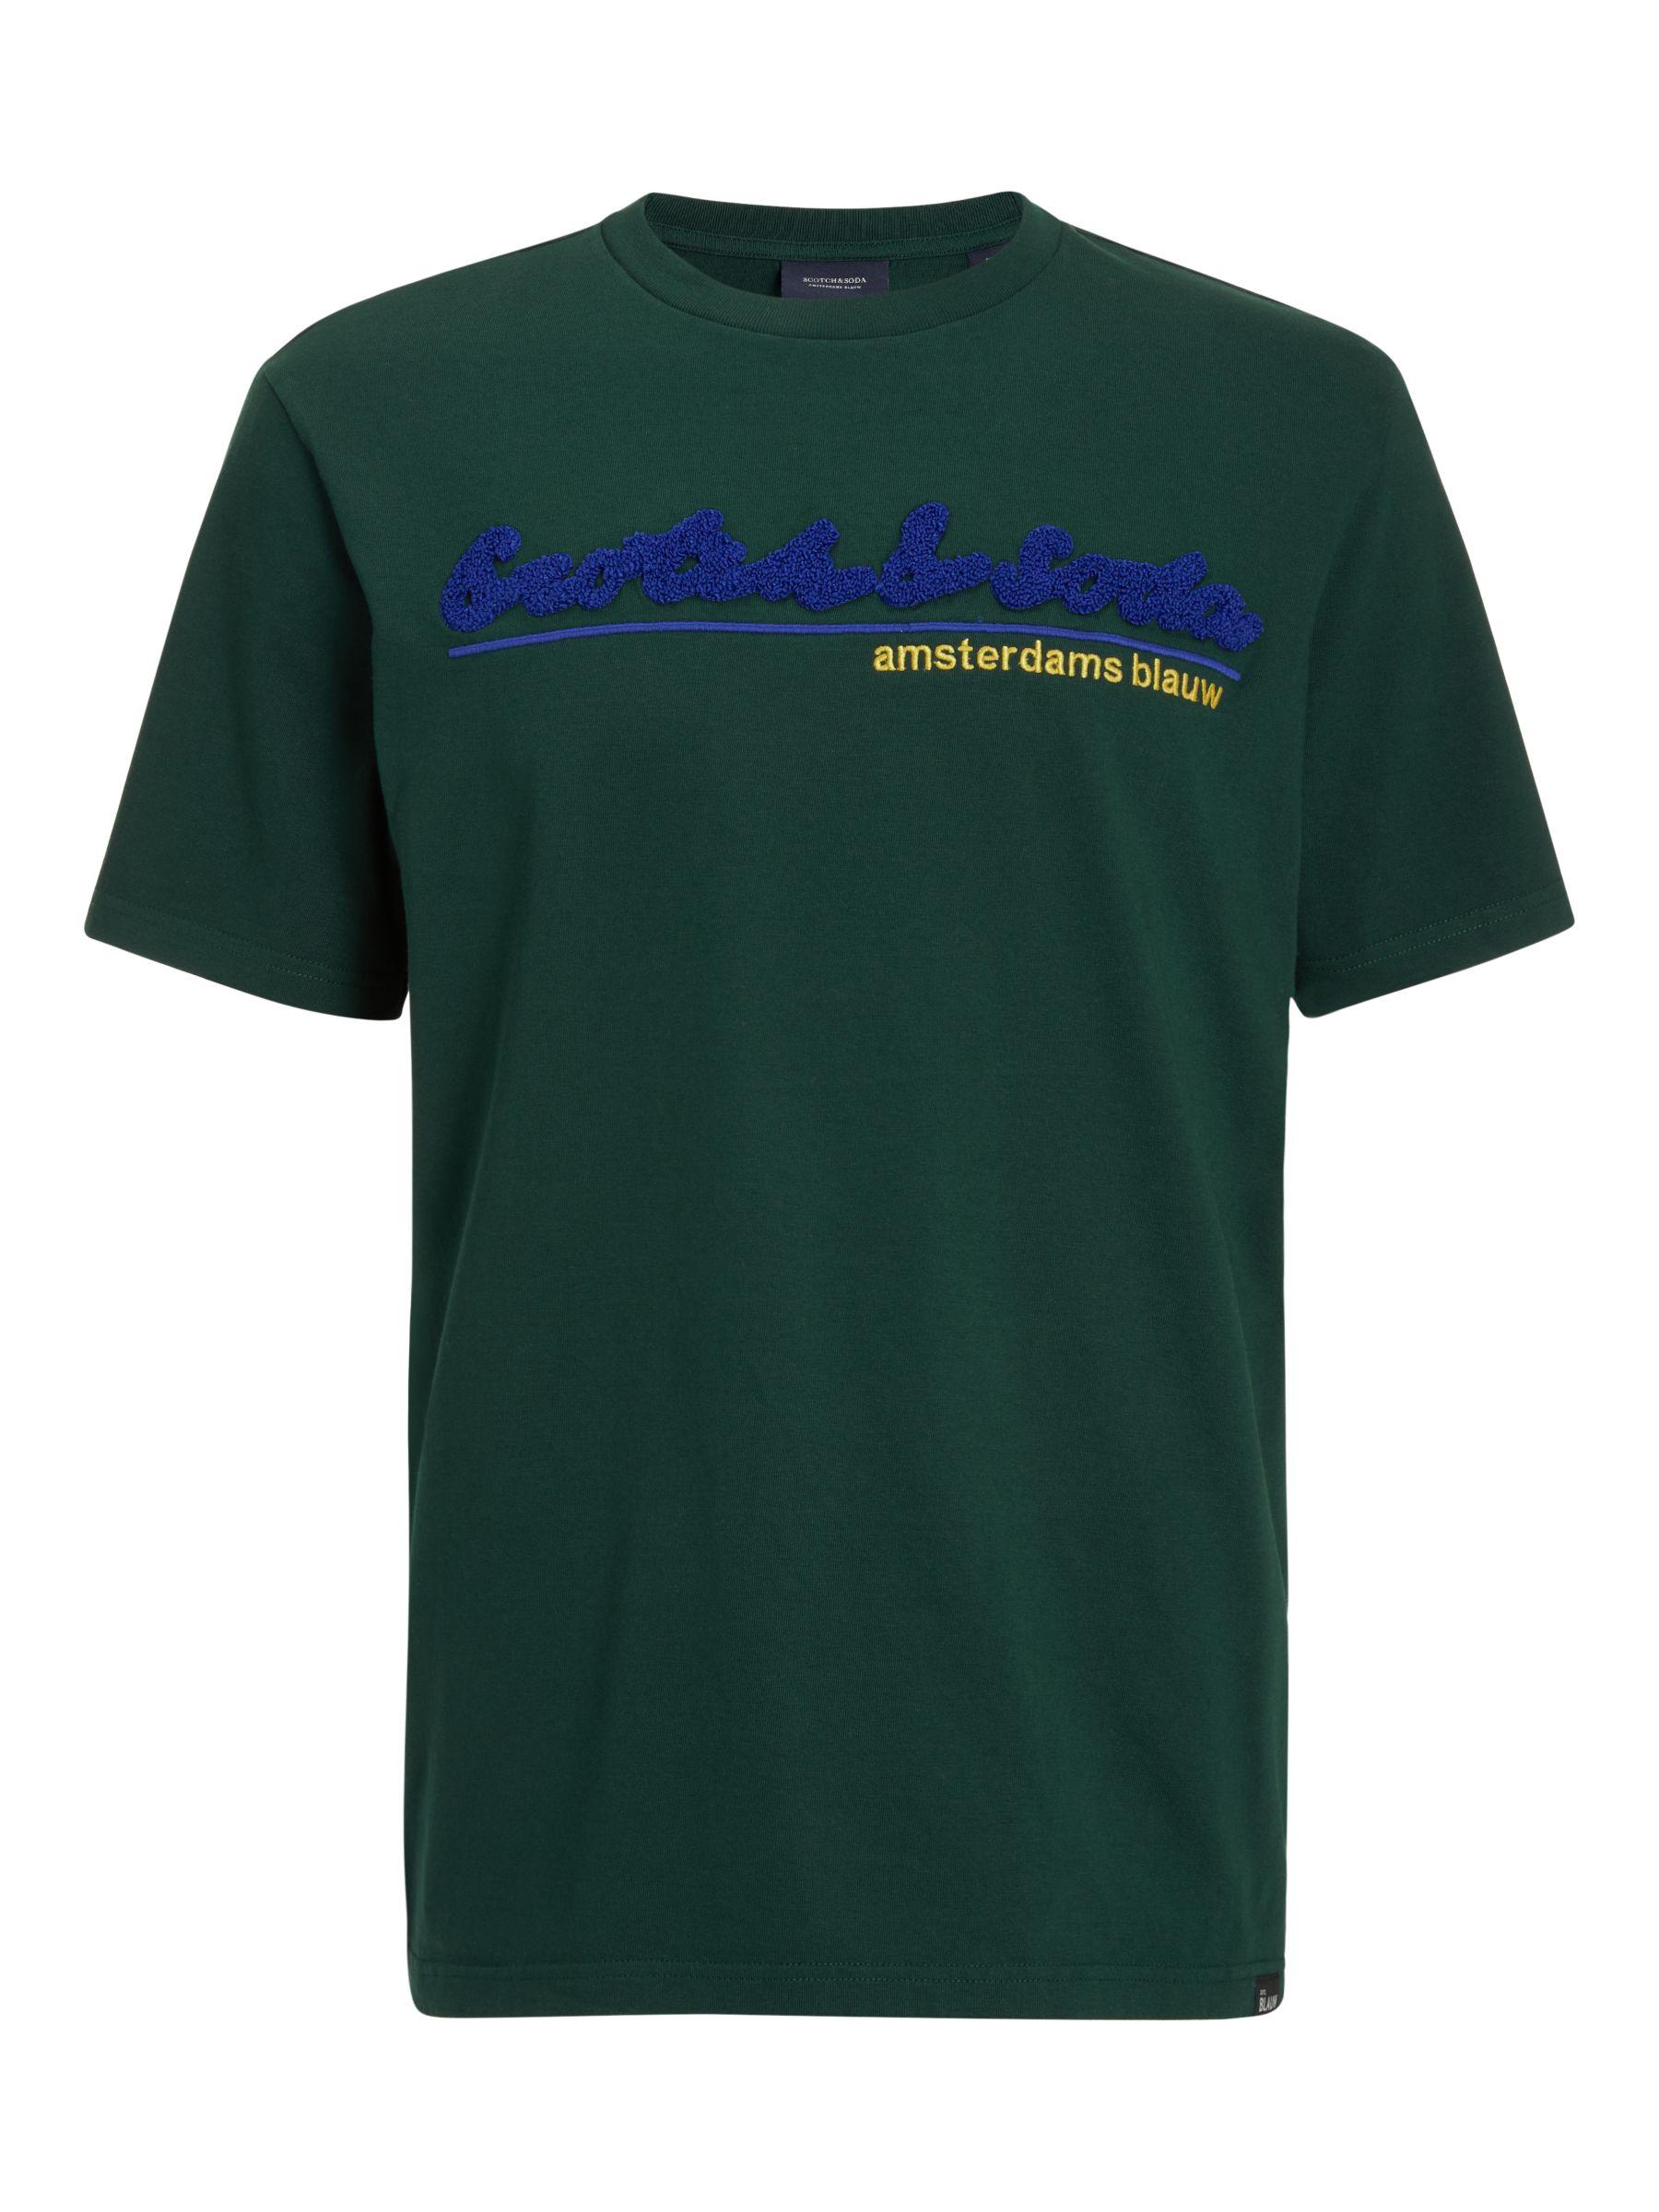 Scotch & Soda Scotch & Soda Logo T-Shirt, Green Smoke